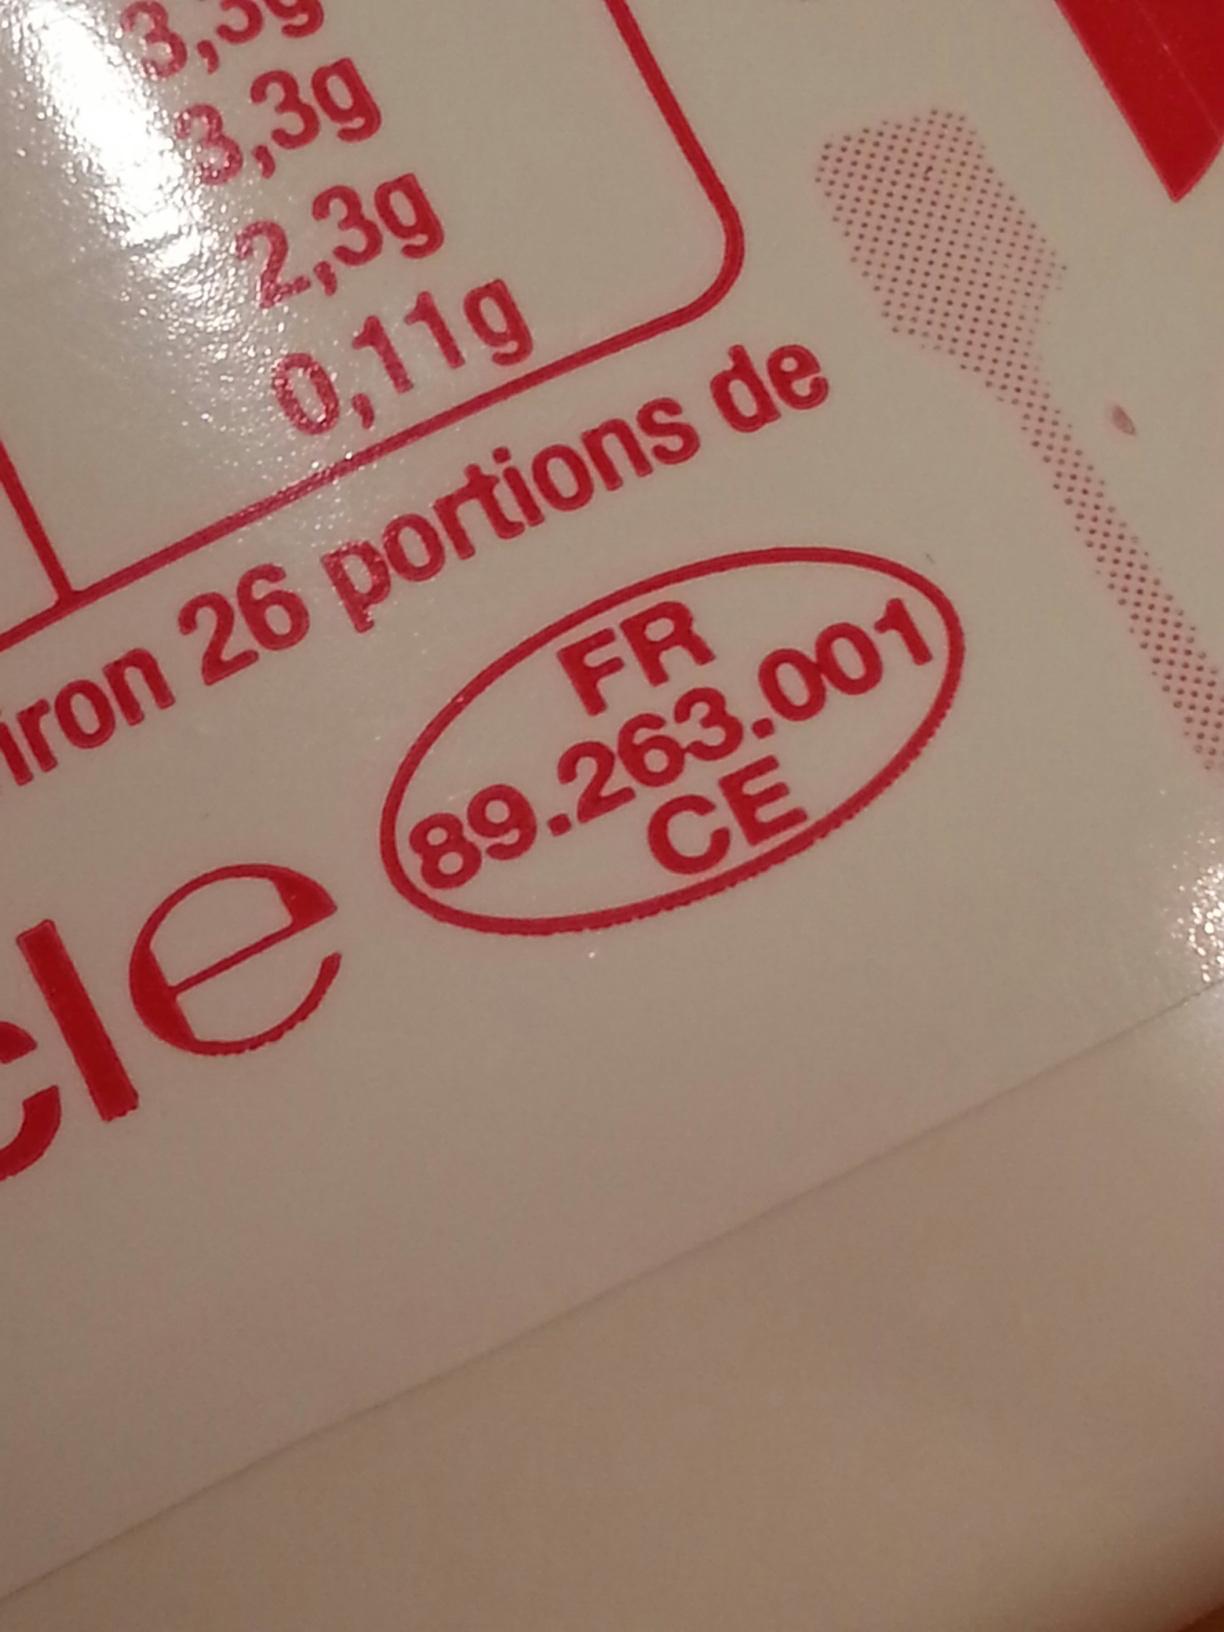 Fabriqu en france par emb mais qui c 39 est cet emb for Magimix fr enregistrer un produit